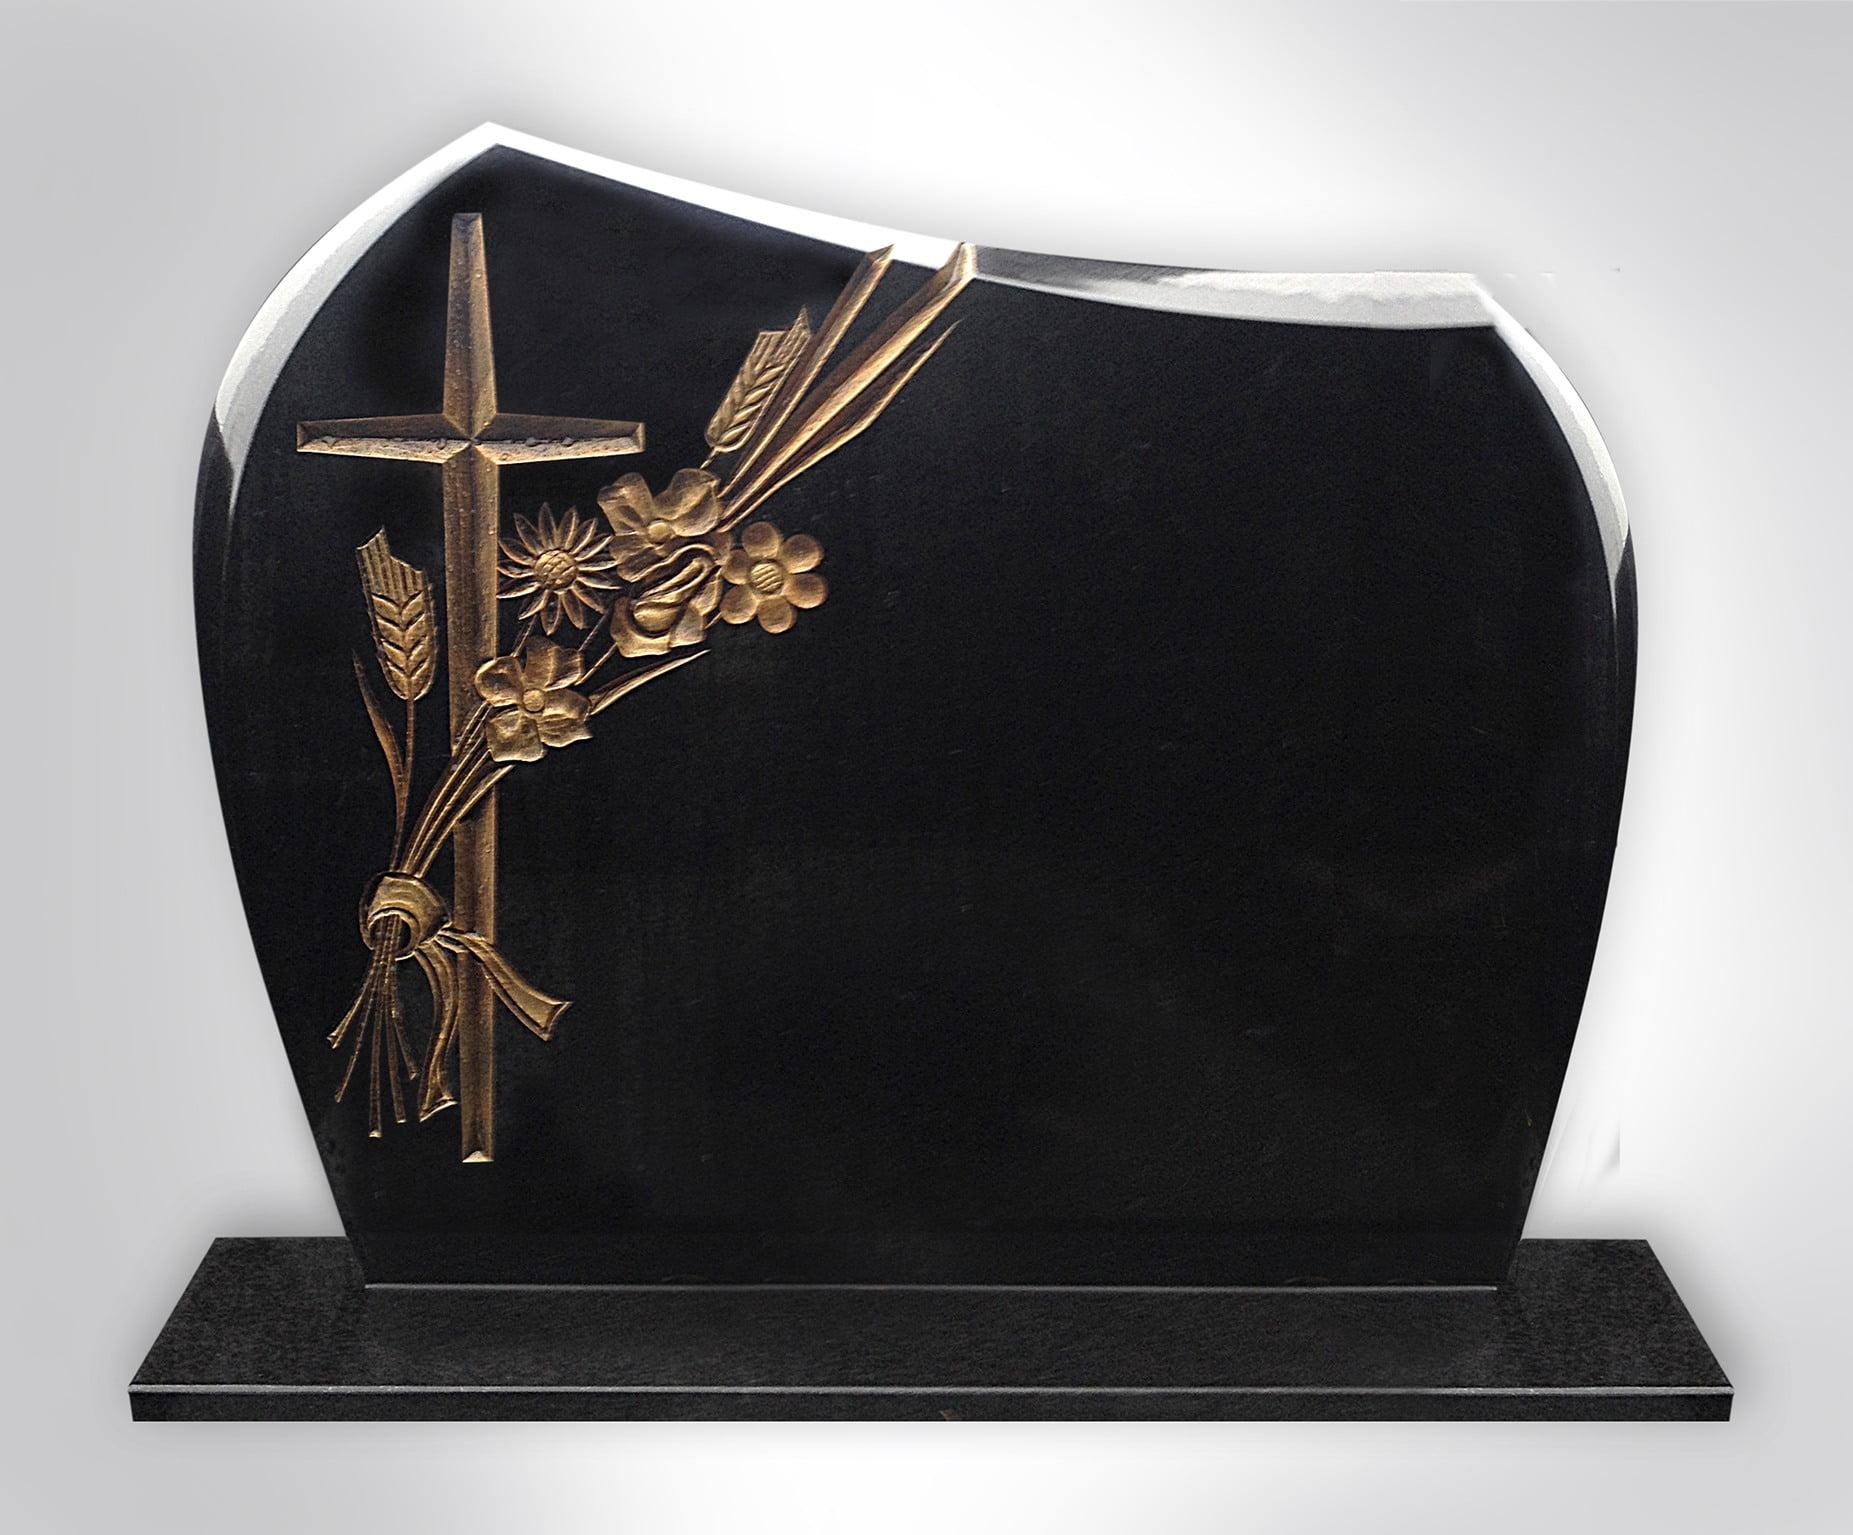 Złoty krzyż z kwiatami - Nagrobki Bielsko-Biała